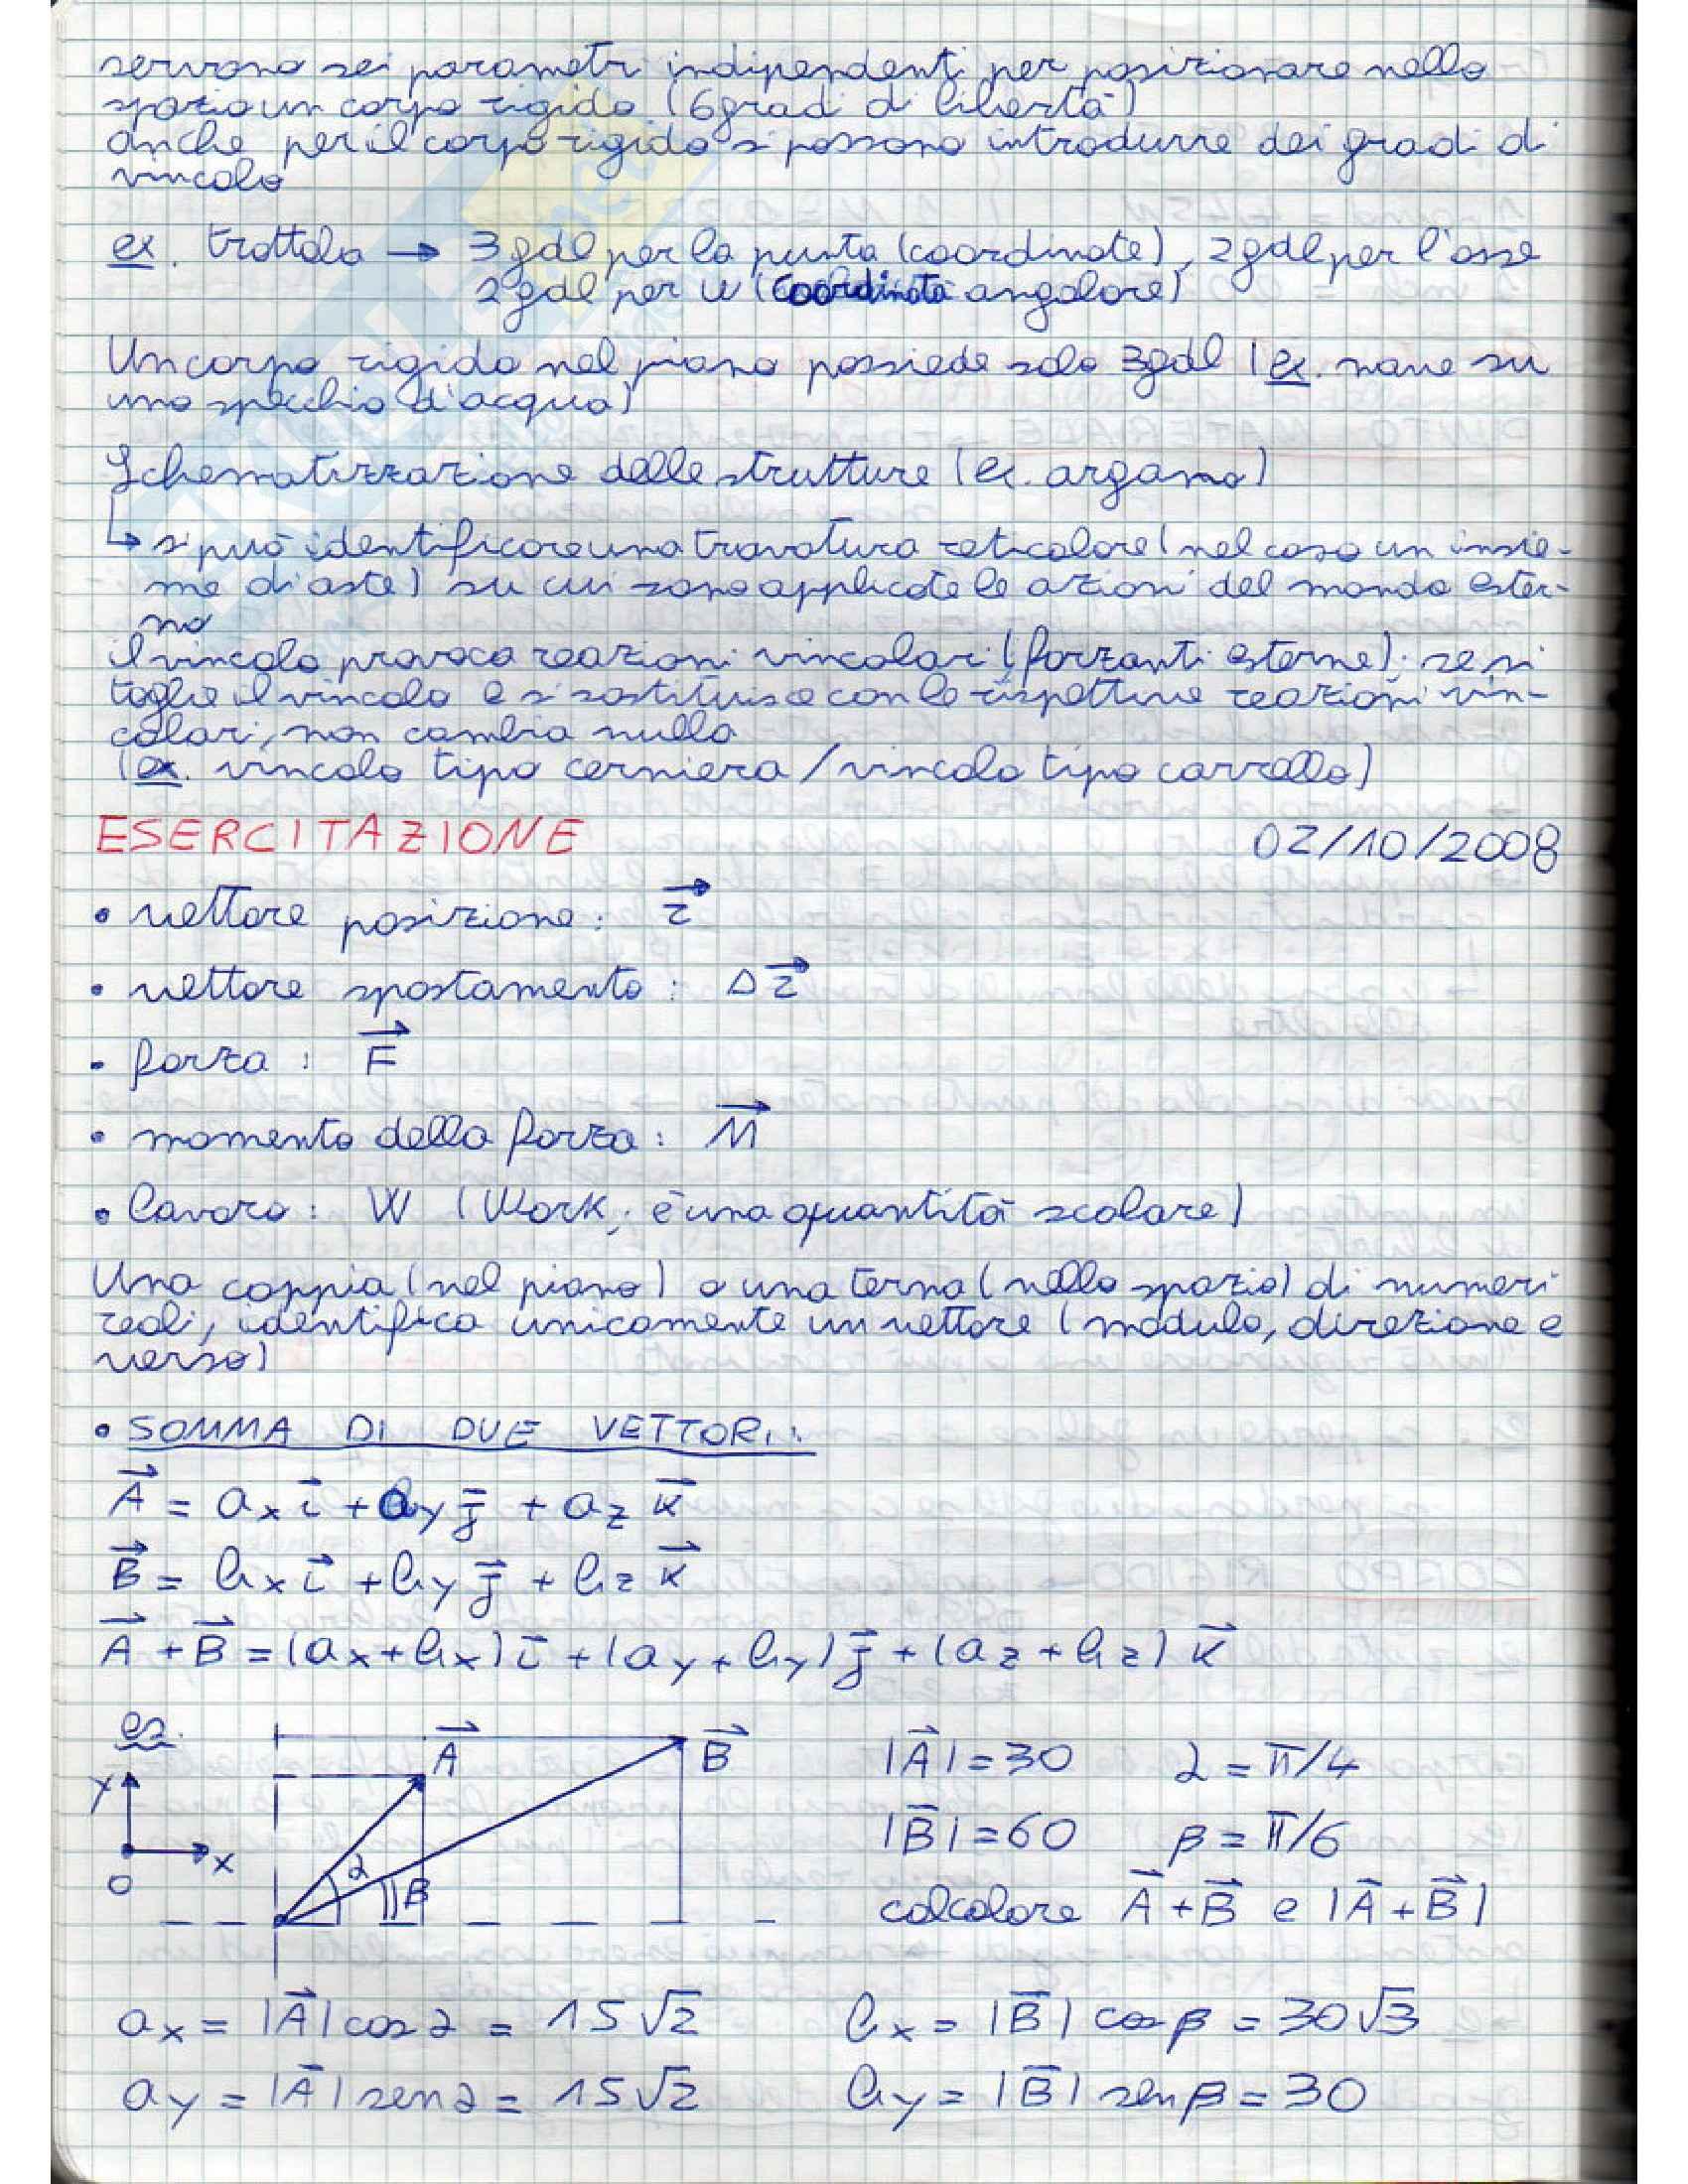 Costruzione di macchine 1 - Appunti Pag. 6